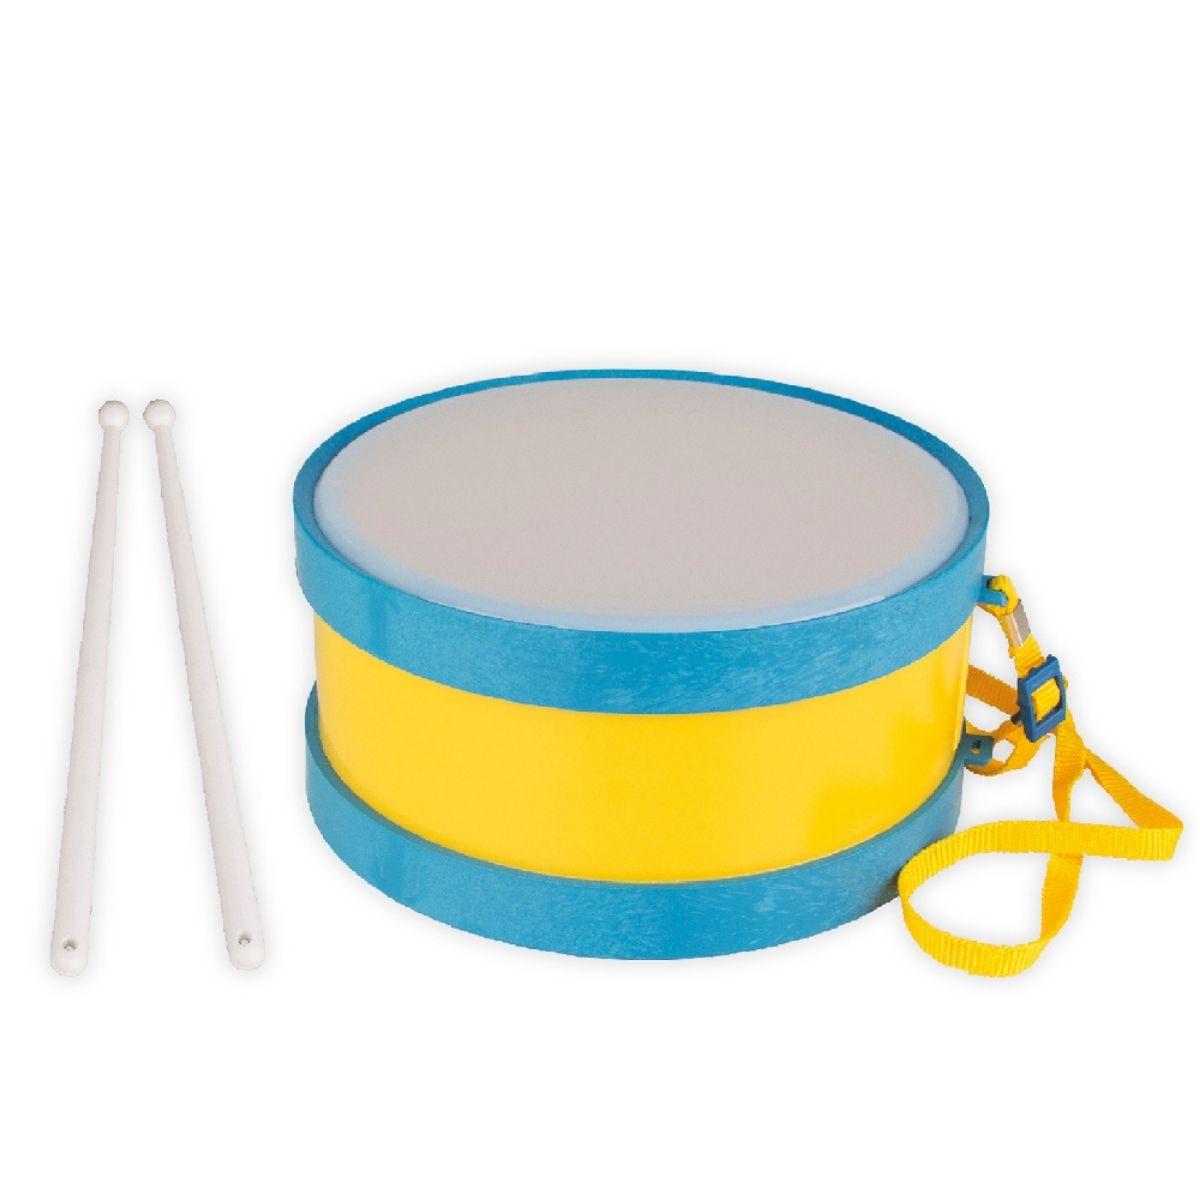 Brinquedo Musicalização Infantil Tambor Pequeno